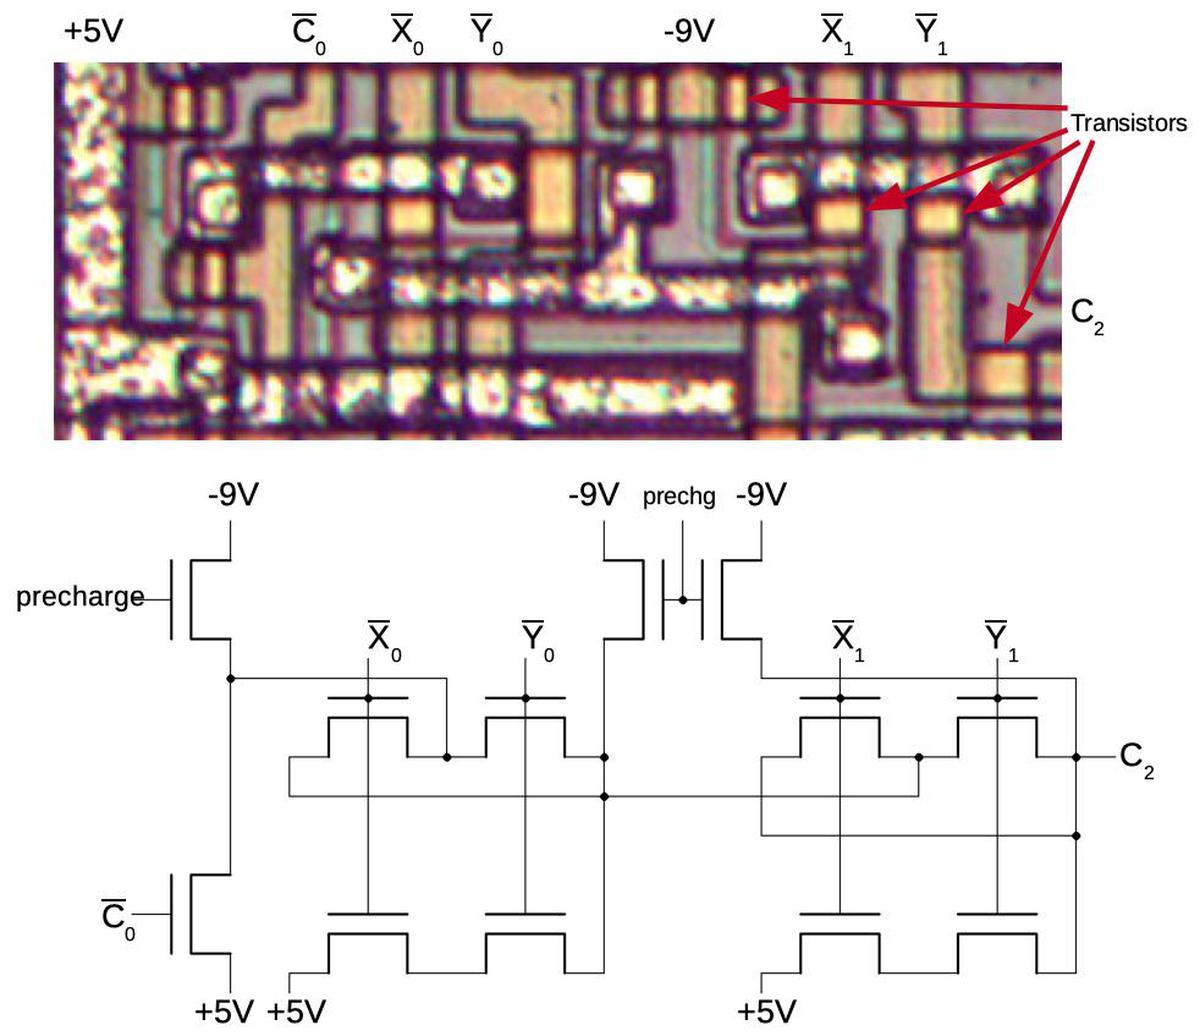 Инженерный анализ схемы ускоренного переноса процессора Intel 8008 - 6